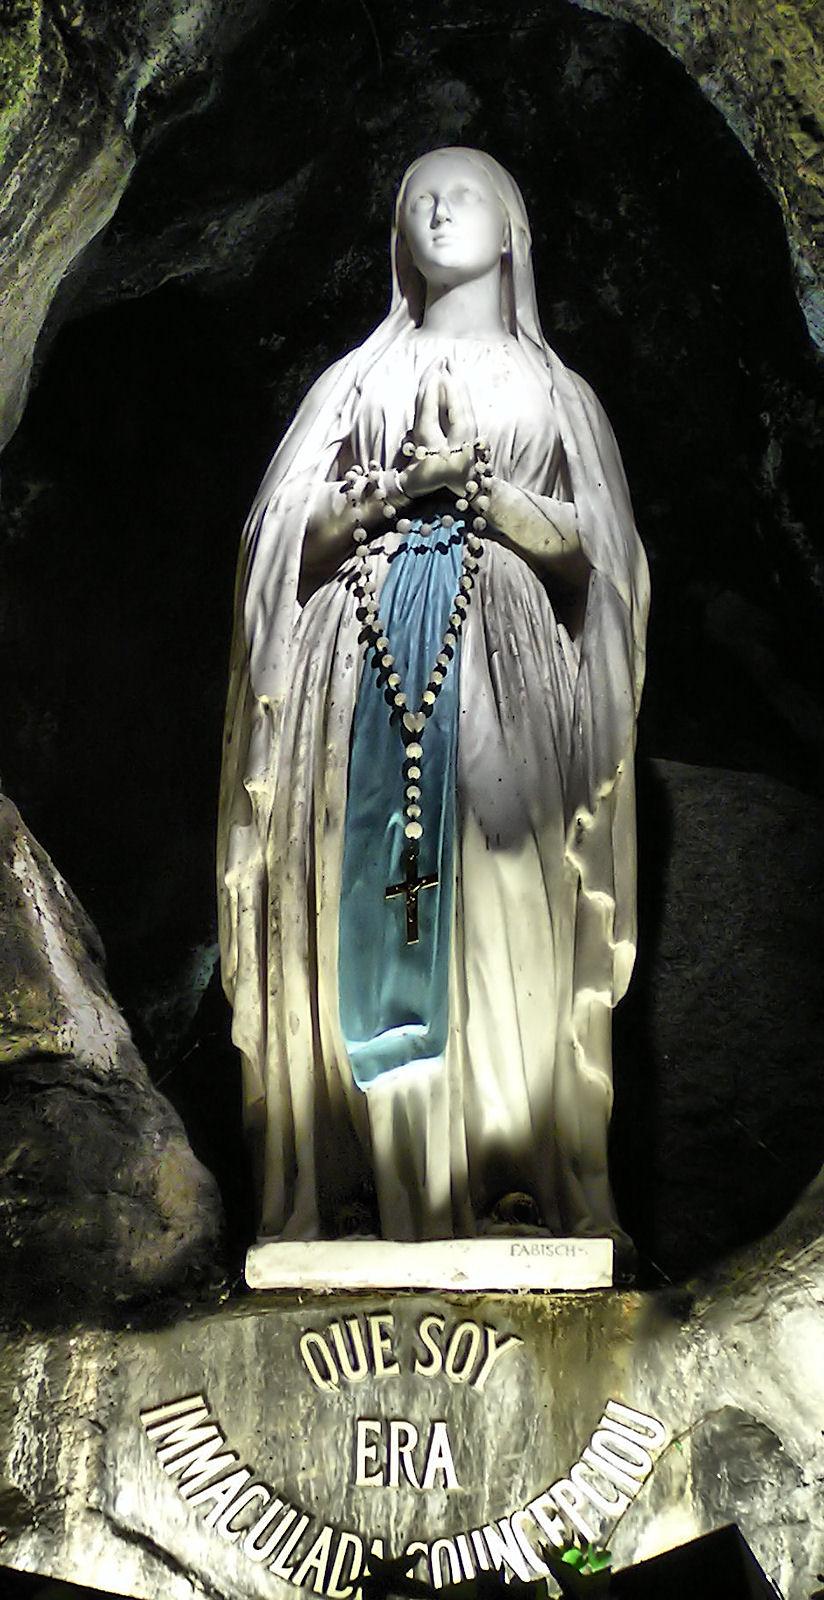 Imaculada Conceição em Lourdes, França